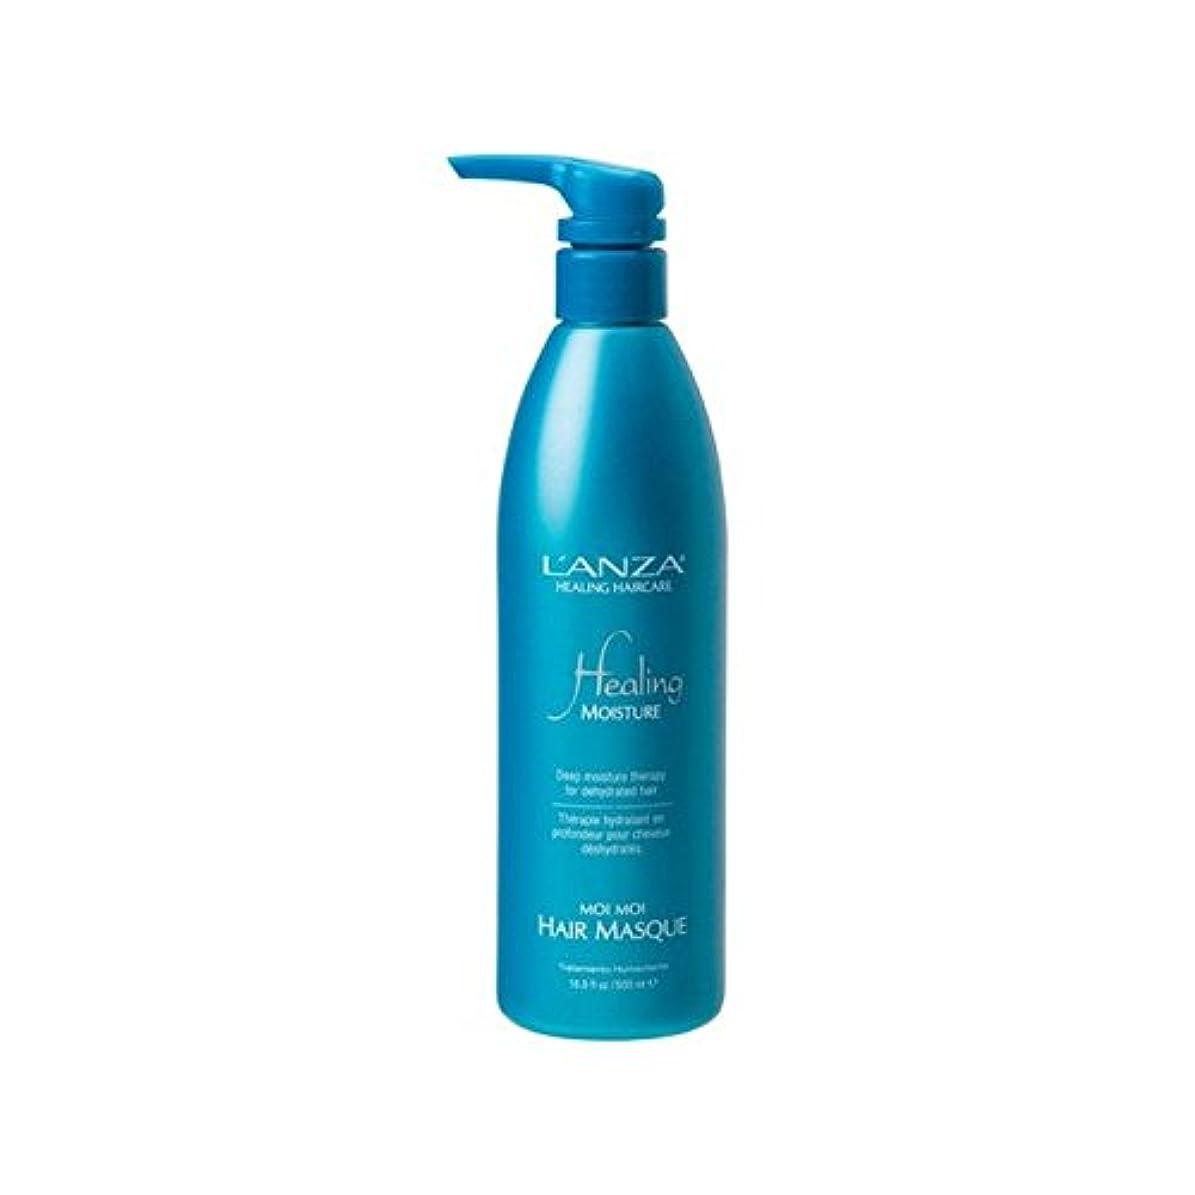 キャプチャー不屈カメアンザ癒しの水分モイモイヘア仮面劇(500ミリリットル) x2 - L'Anza Healing Moisture Moi Moi Hair Masque (500ml) (Pack of 2) [並行輸入品]